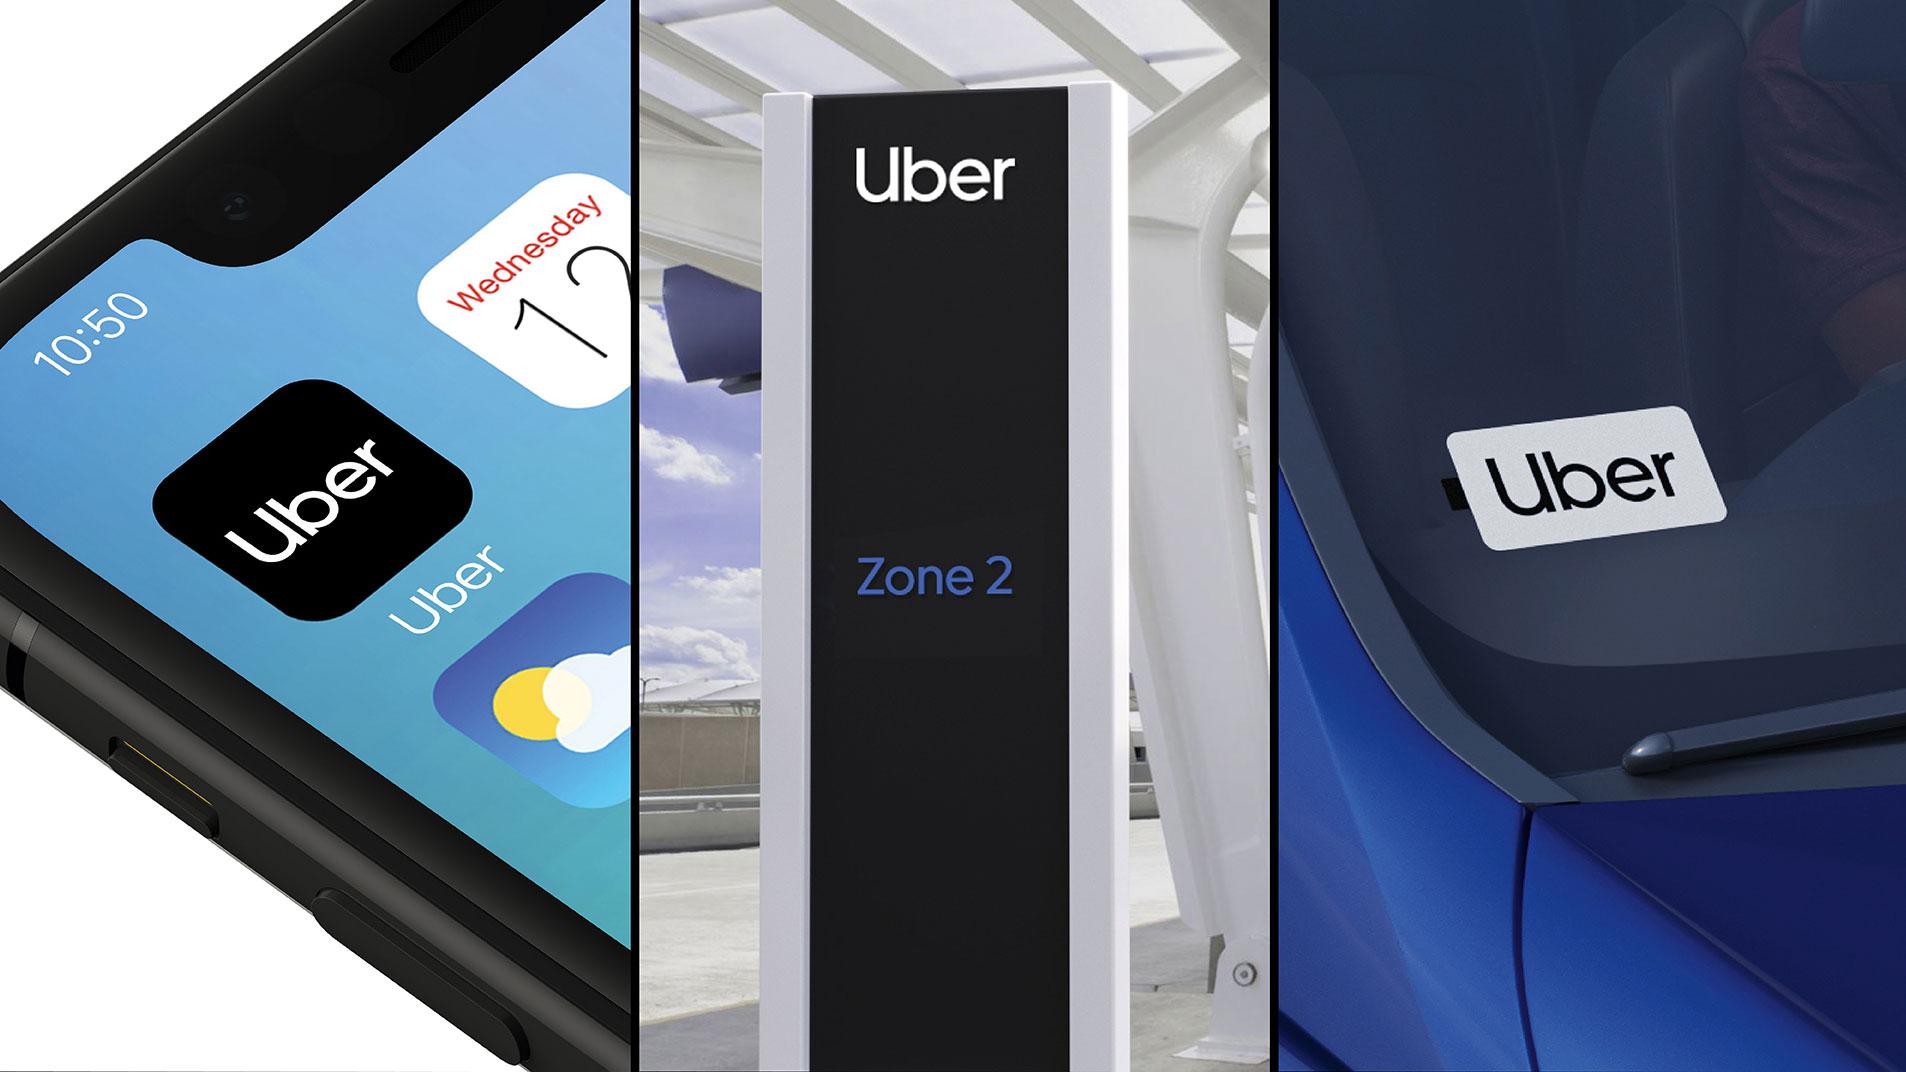 Uber rebrand in situ